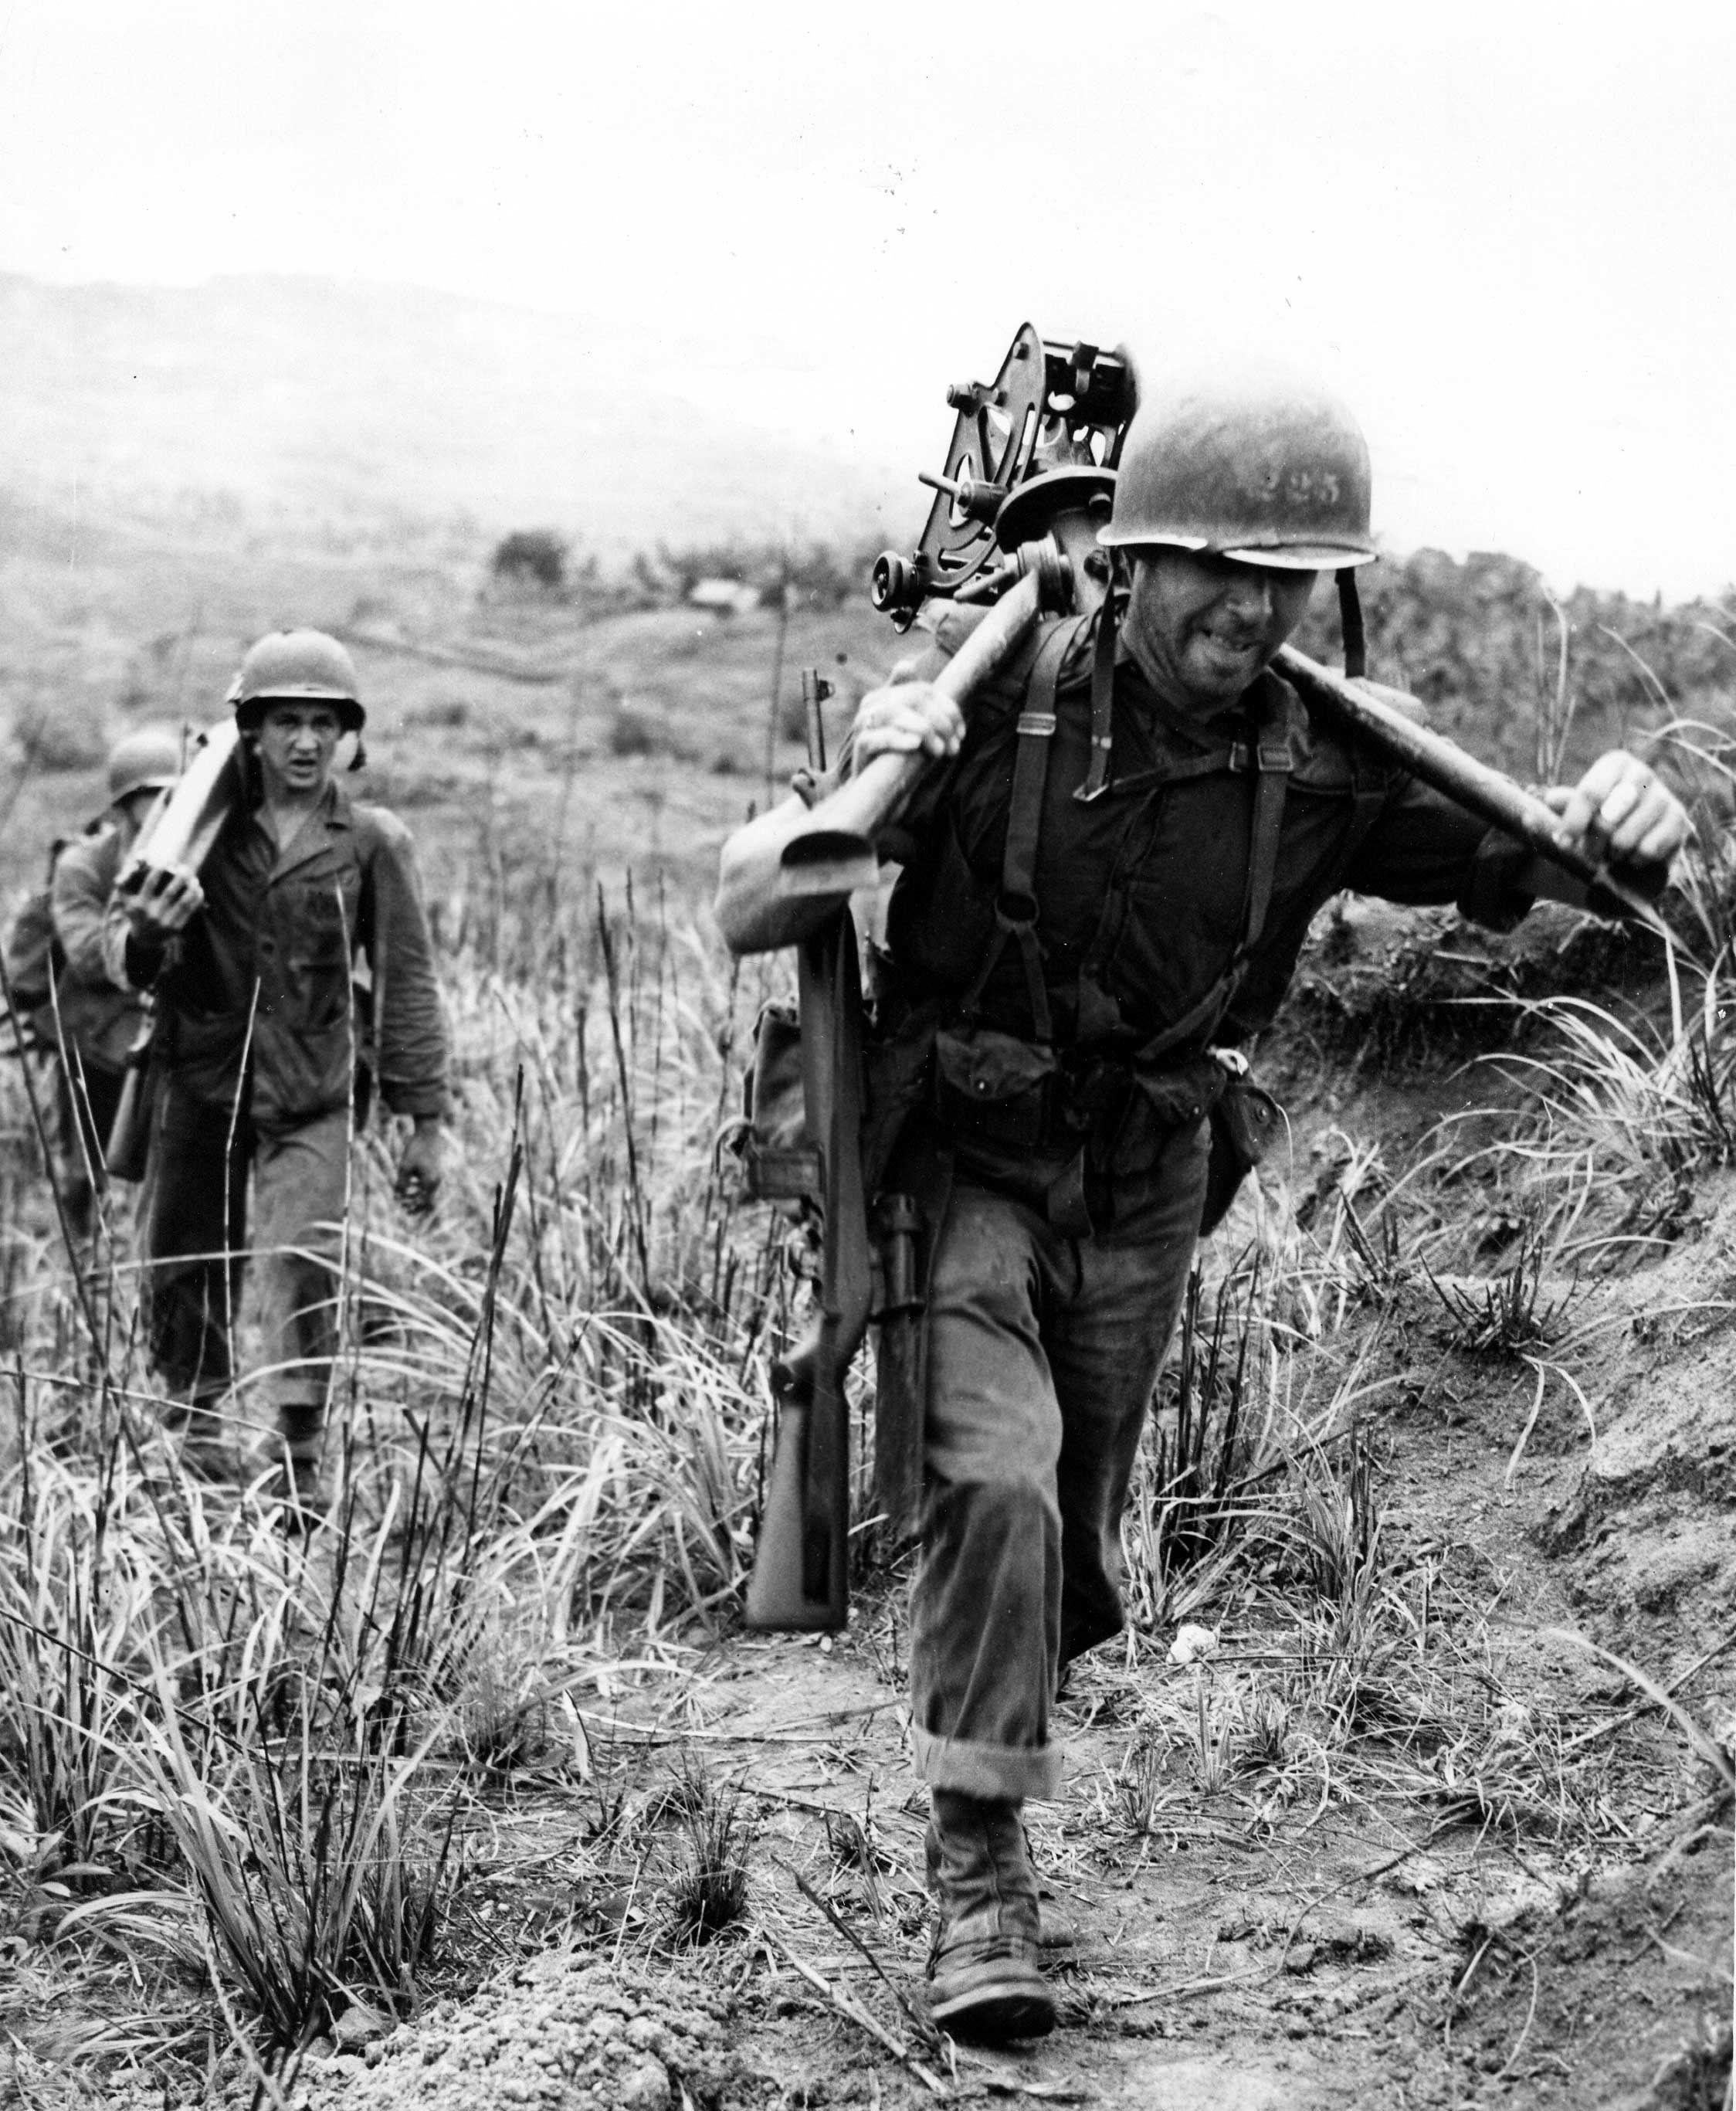 Battle of Guam 1944 | Wwii, World war two, War photography